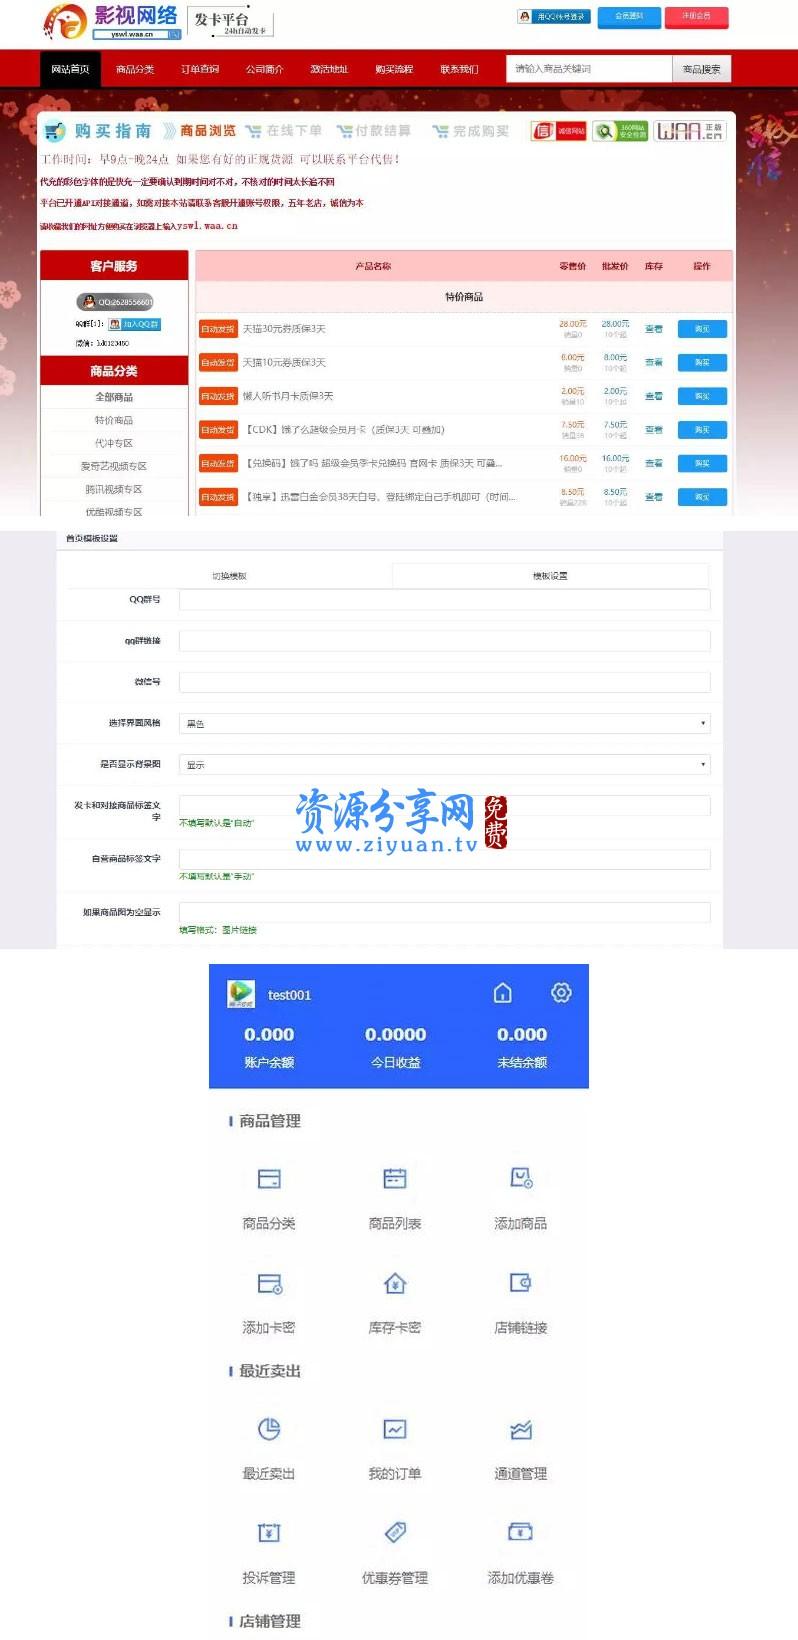 2021 年最新发卡网代码 最新彩虹发卡网完整运营版+高仿优云宝模板